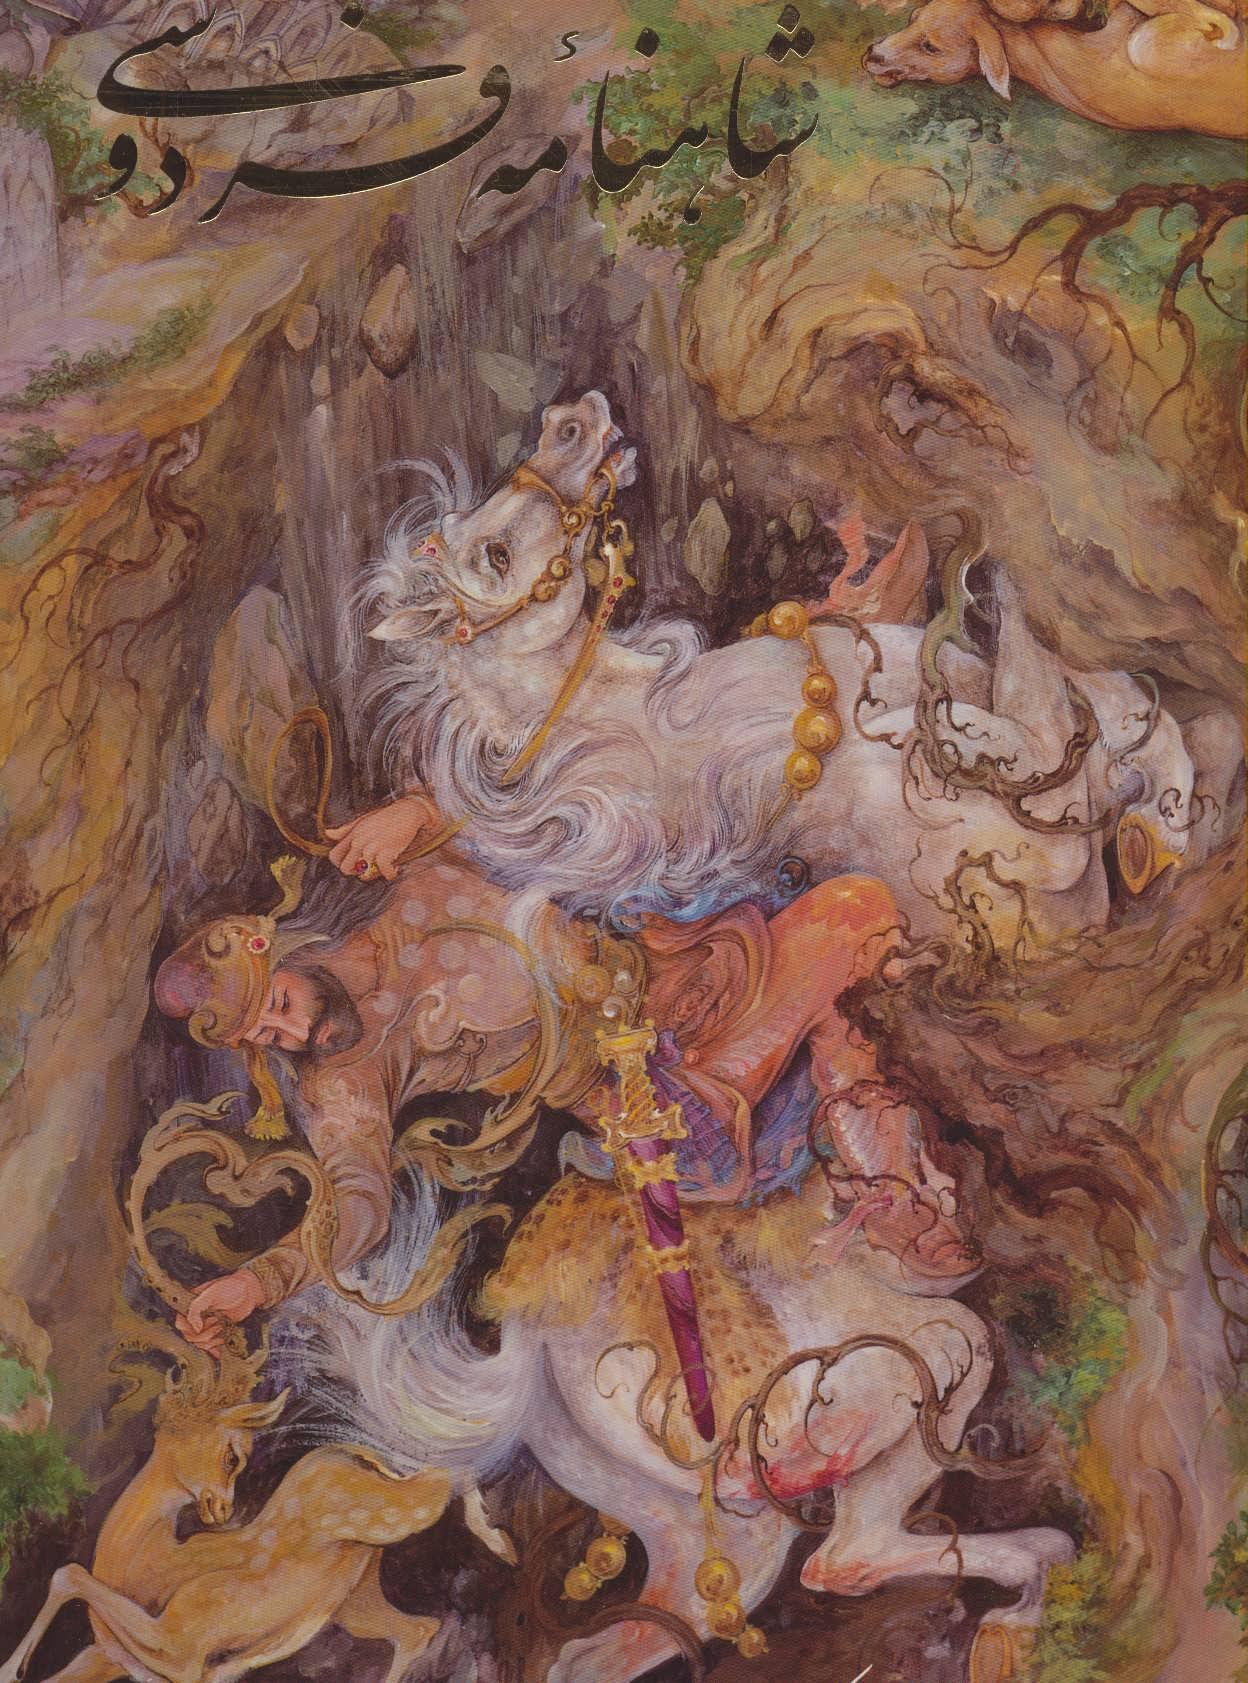 شاهنامه فردوسی (گلاسه،باقاب)